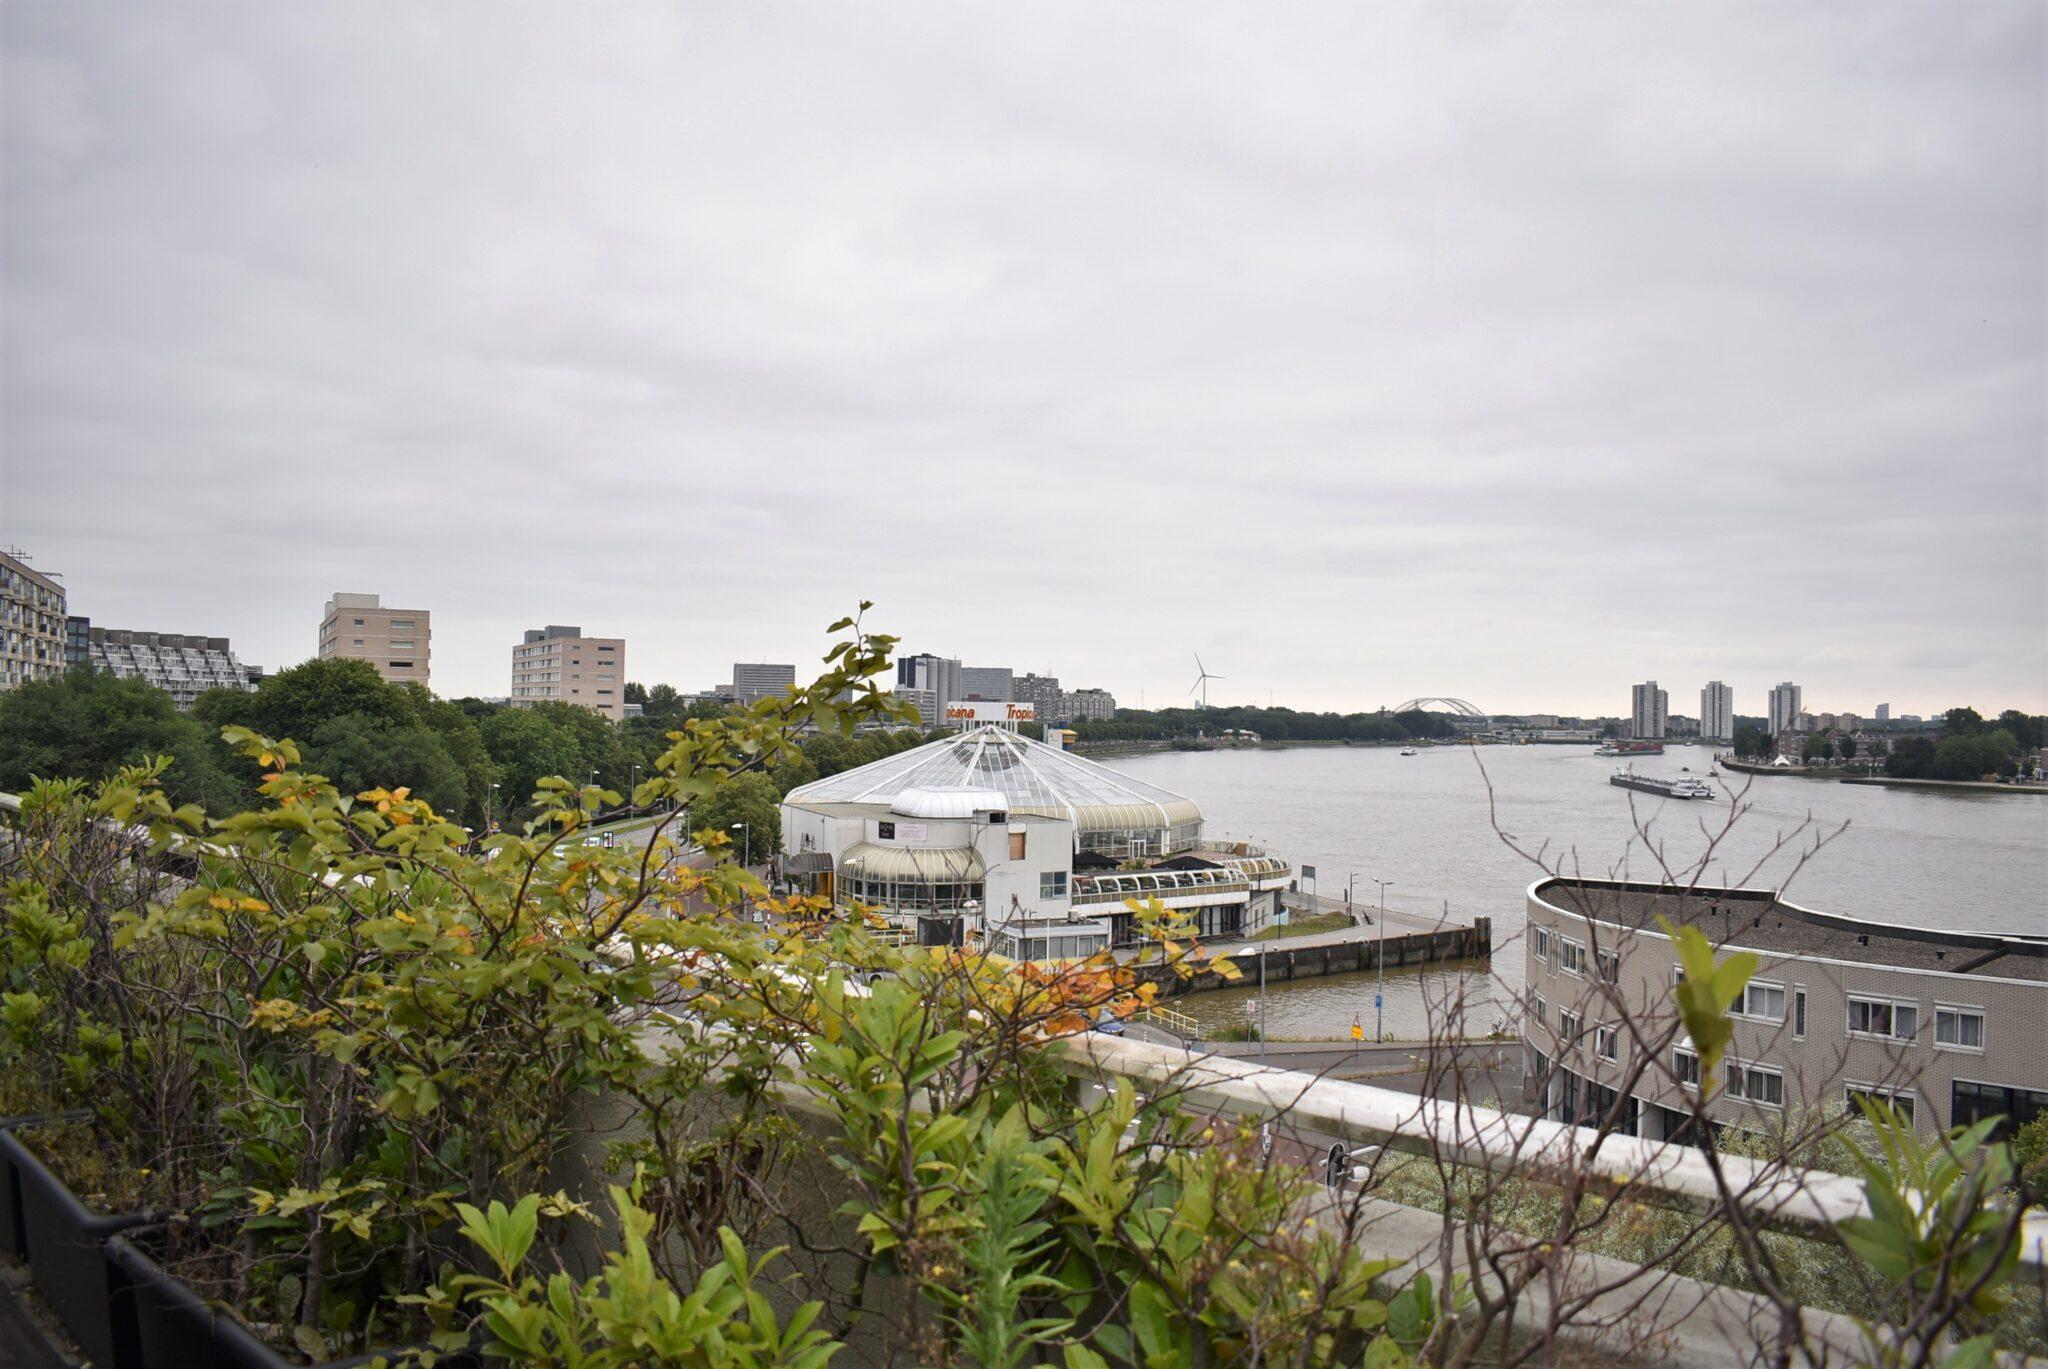 binnenkijken bij ester havenziekenhuis uitzicht tropicana